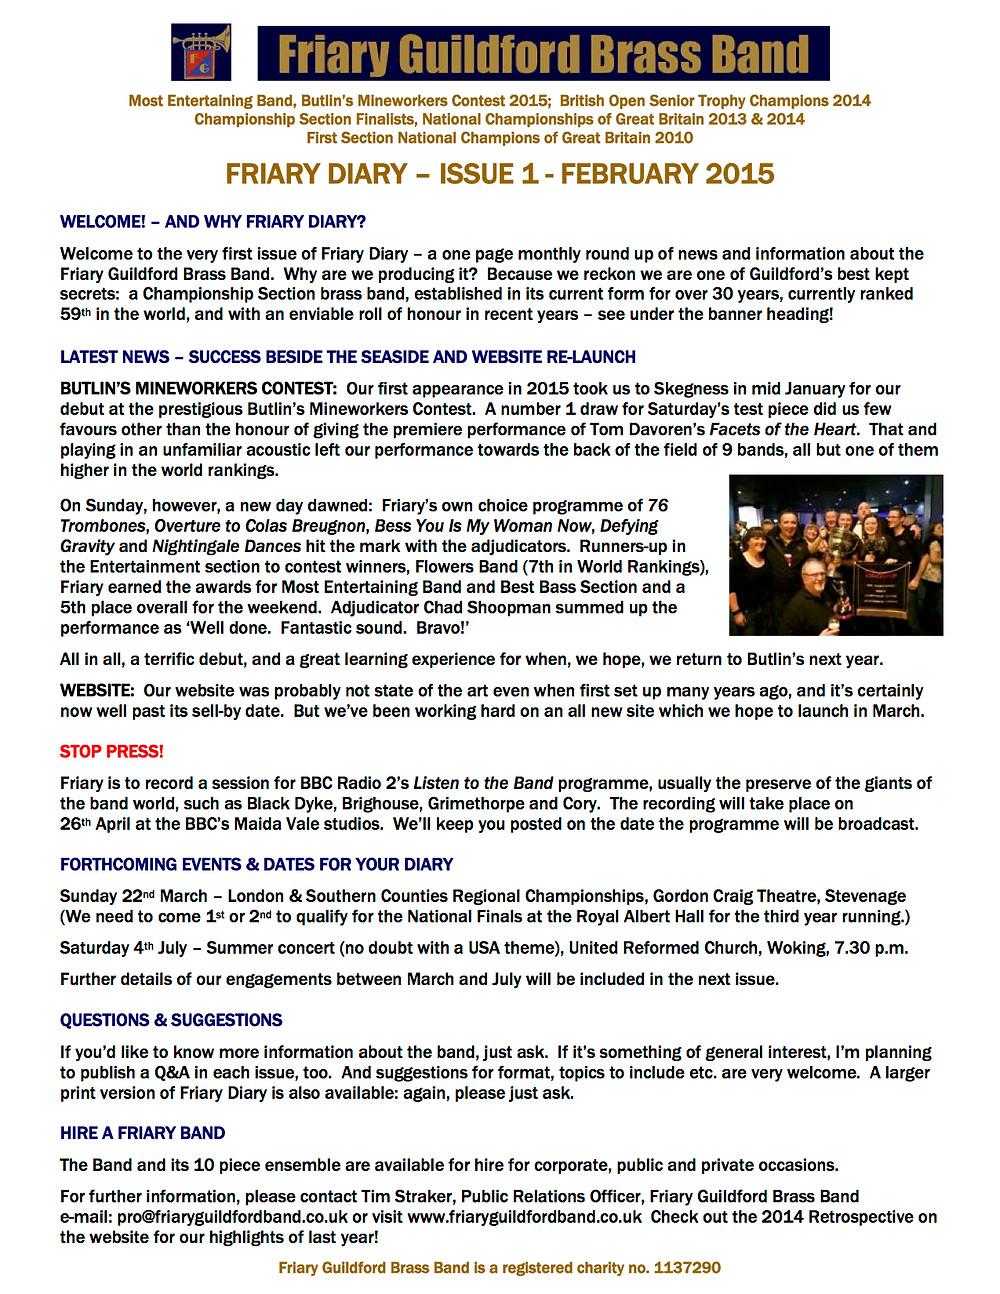 Friary Diary issue 1 February 2015.jpg